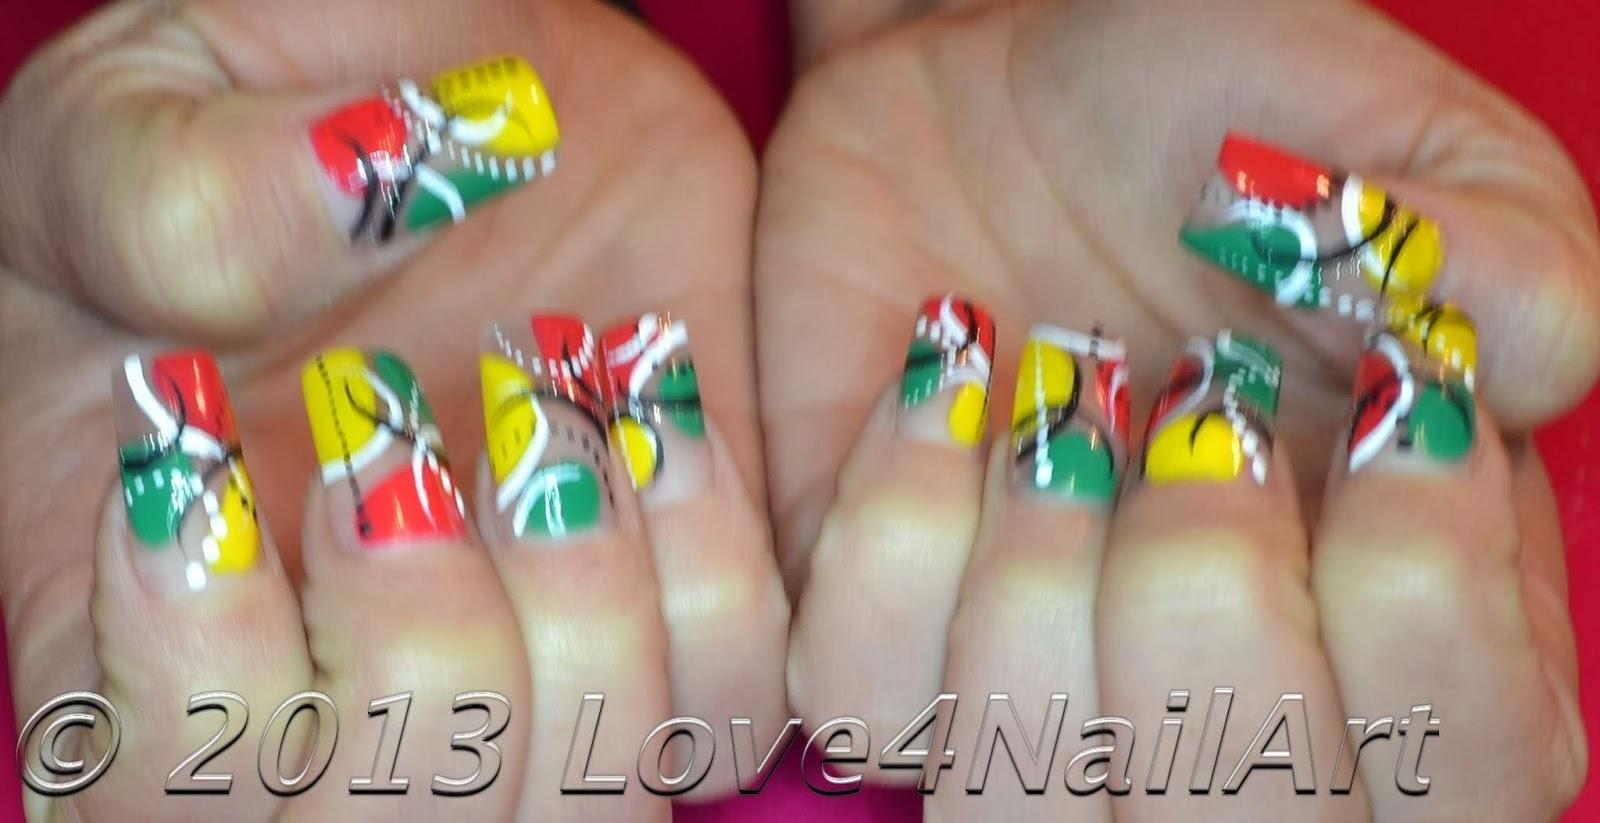 Love4nailart Colorful Abstract Nail Art For Long Acrylic Nails